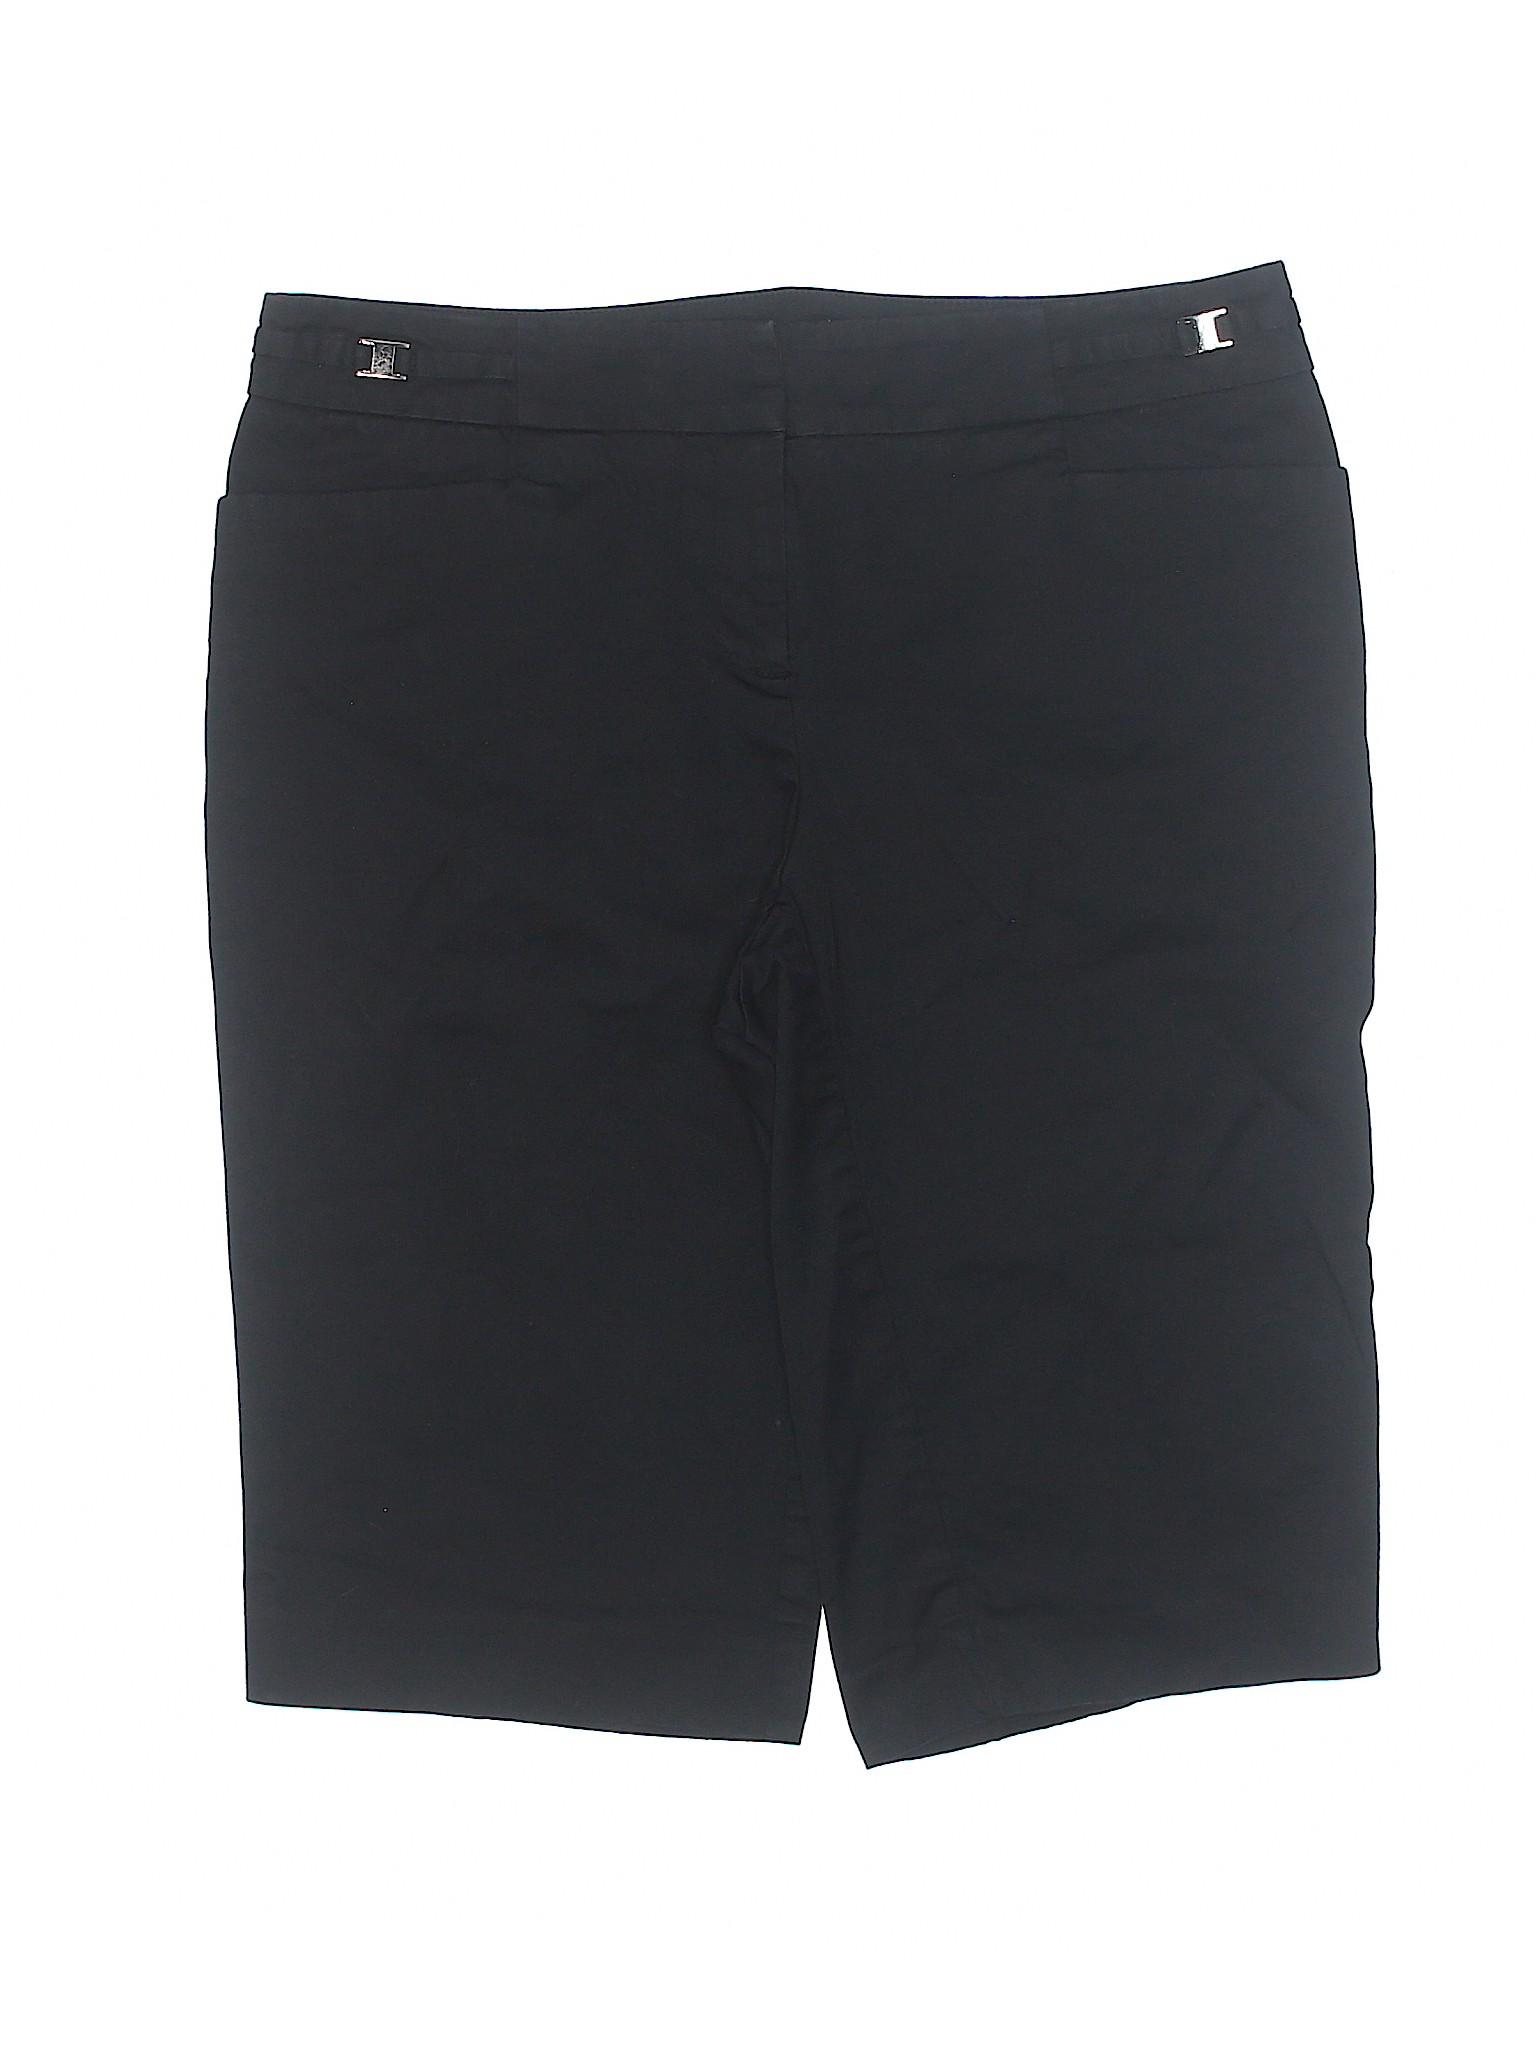 New Company Shorts amp; Khaki York Boutique Uzqw0WRp0